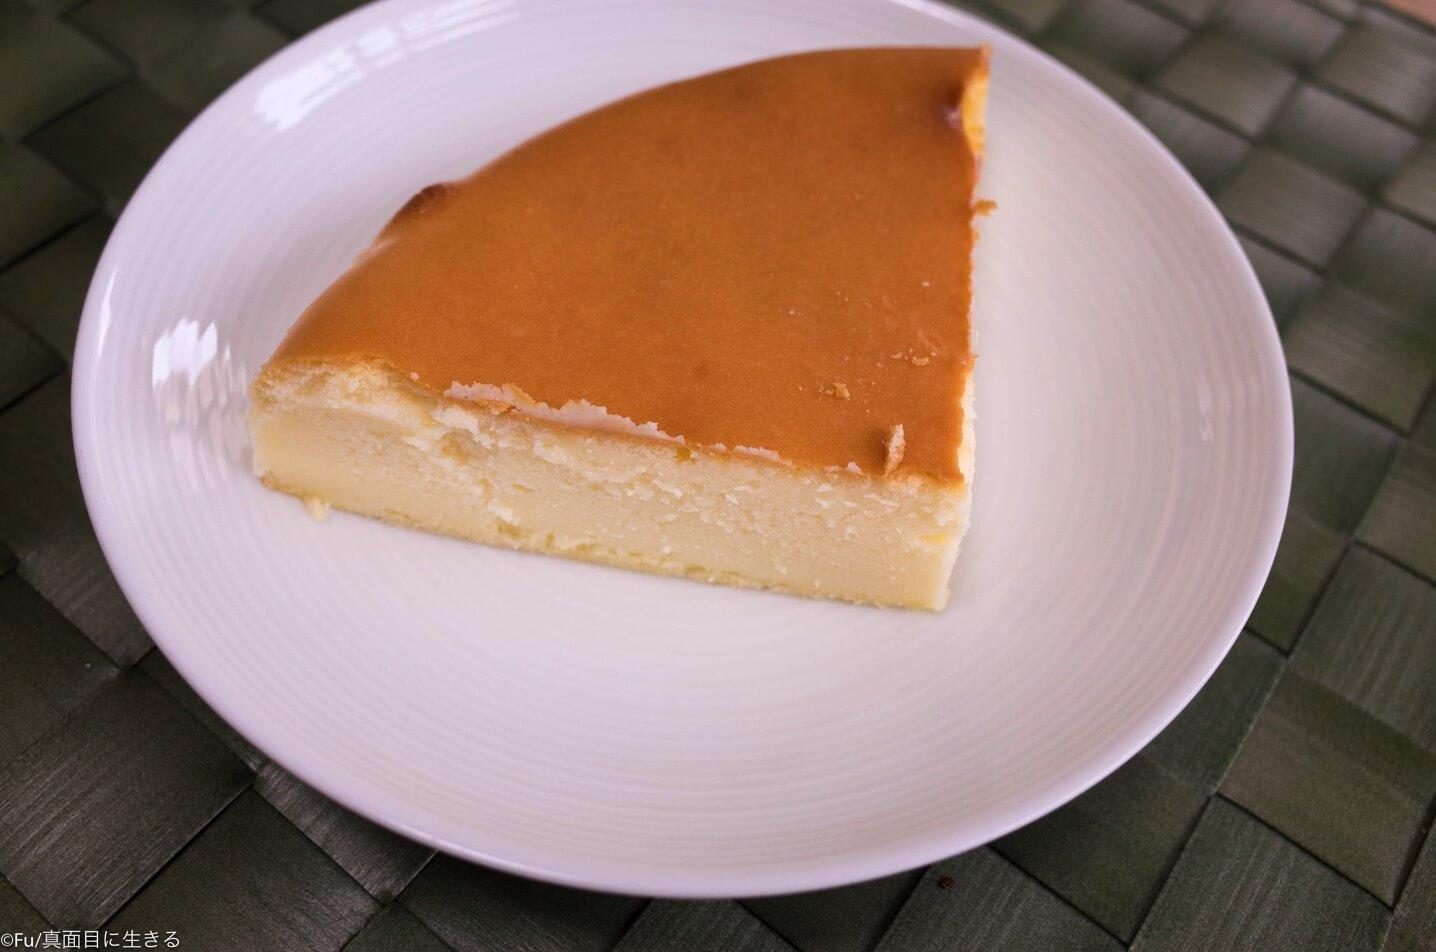 チーズケーキ4分の1